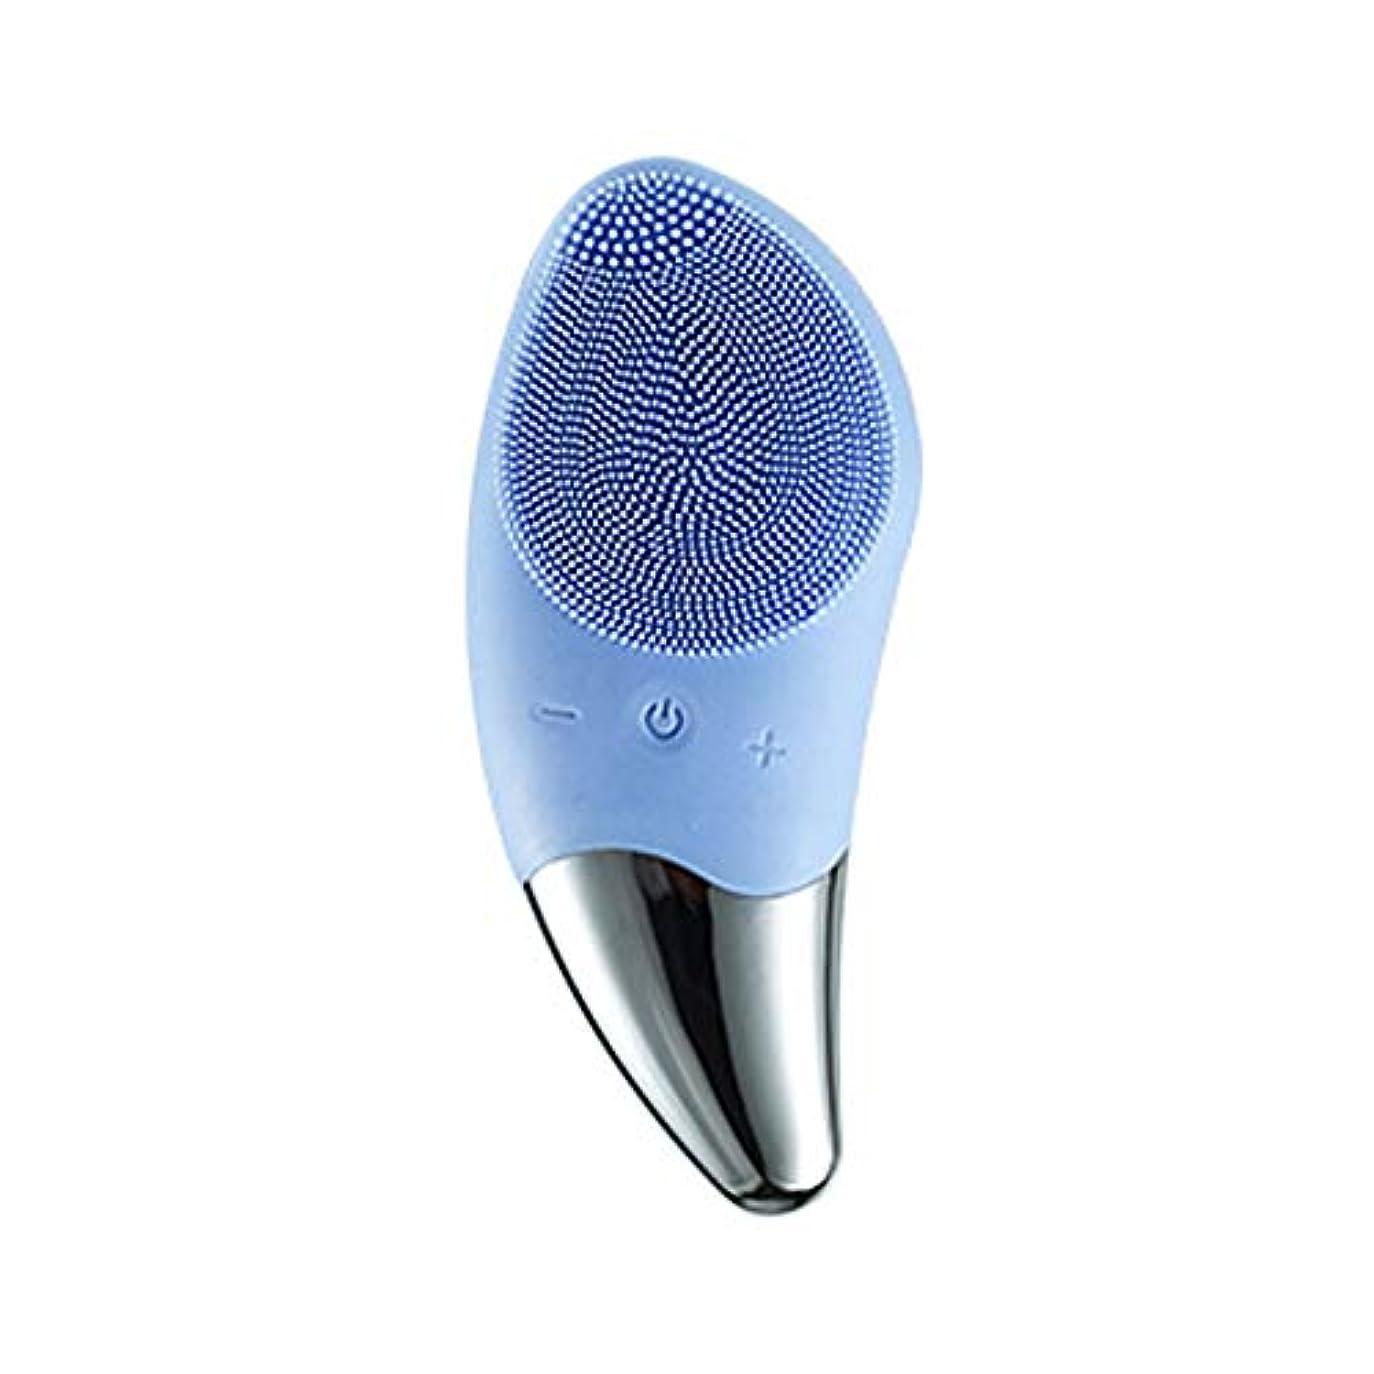 能力適応疲労LYX オールスキンタイプクリーナーエレクトリックシリコーンクリーナー洗顔ケアマッサージ美容インストゥルメント (Color : 青)